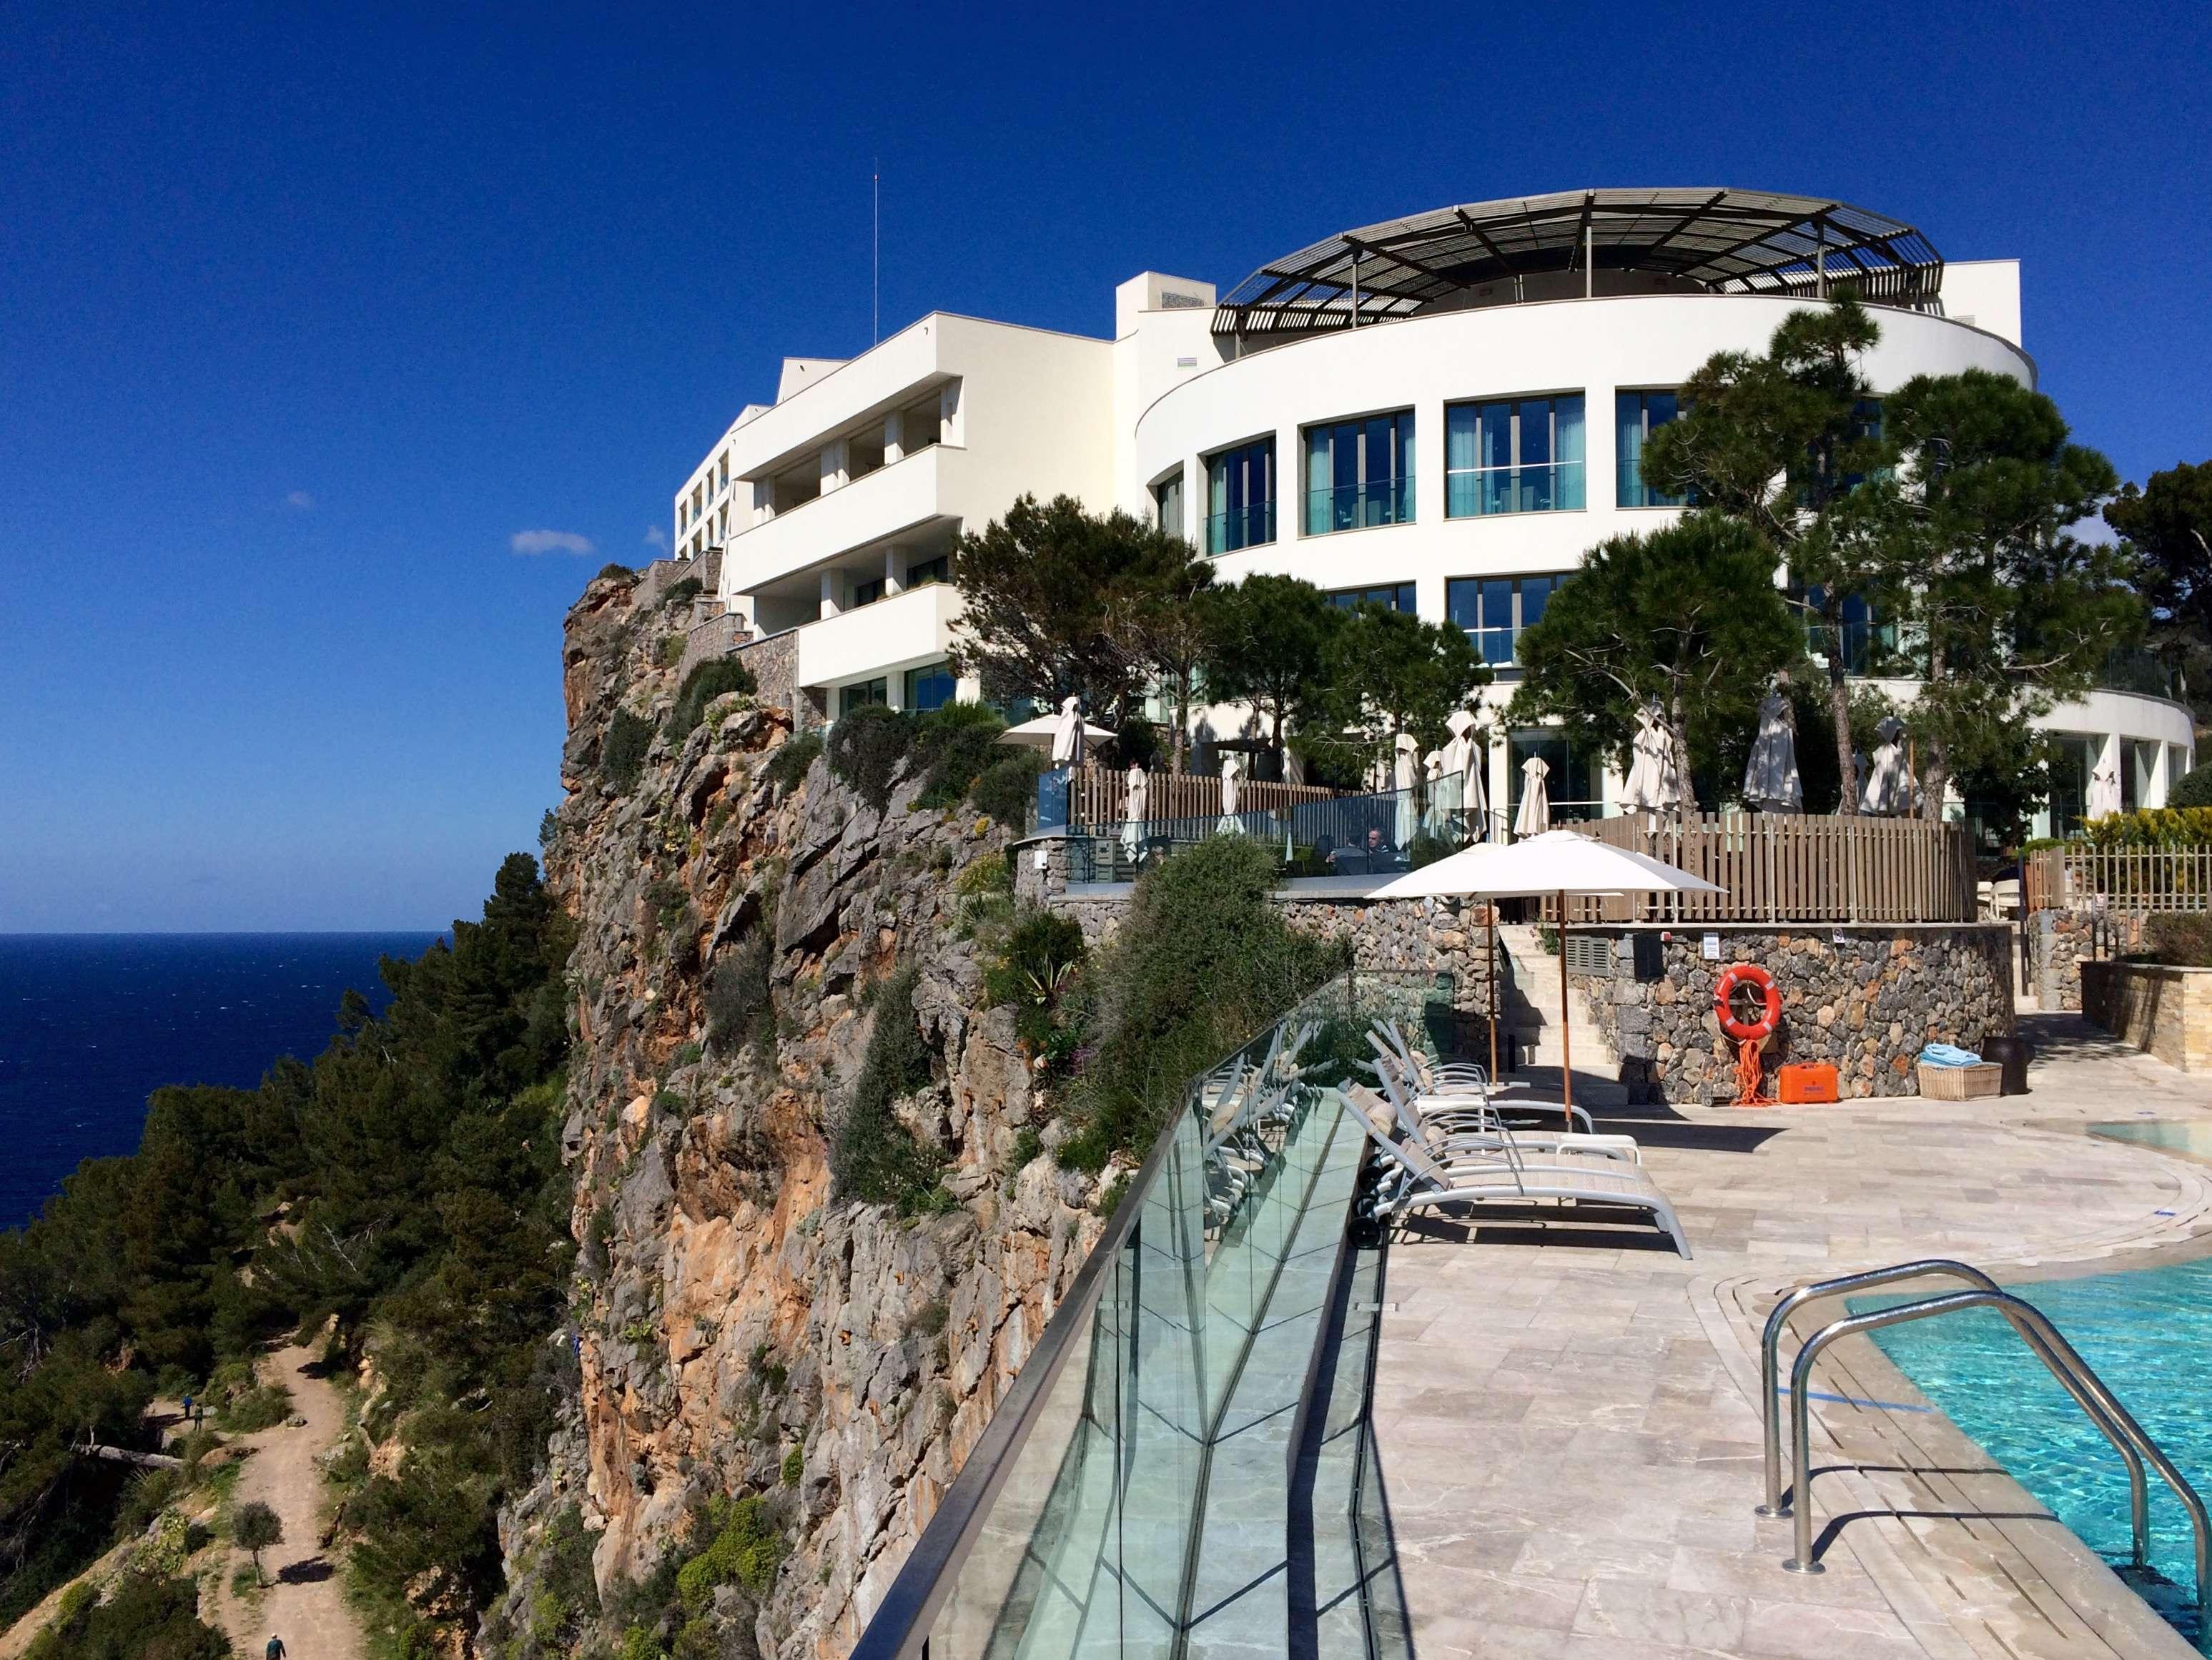 airtours, TUI, Berlin, Mallorca, Insel, Reiseblog, Reiseerlebnis, Reiseempfehlung, Reiseerfahrung, Mittelmeer, Design Hotel Port Portals, Mallorca - Wochenende, Palma, Reisebericht, Wochenende